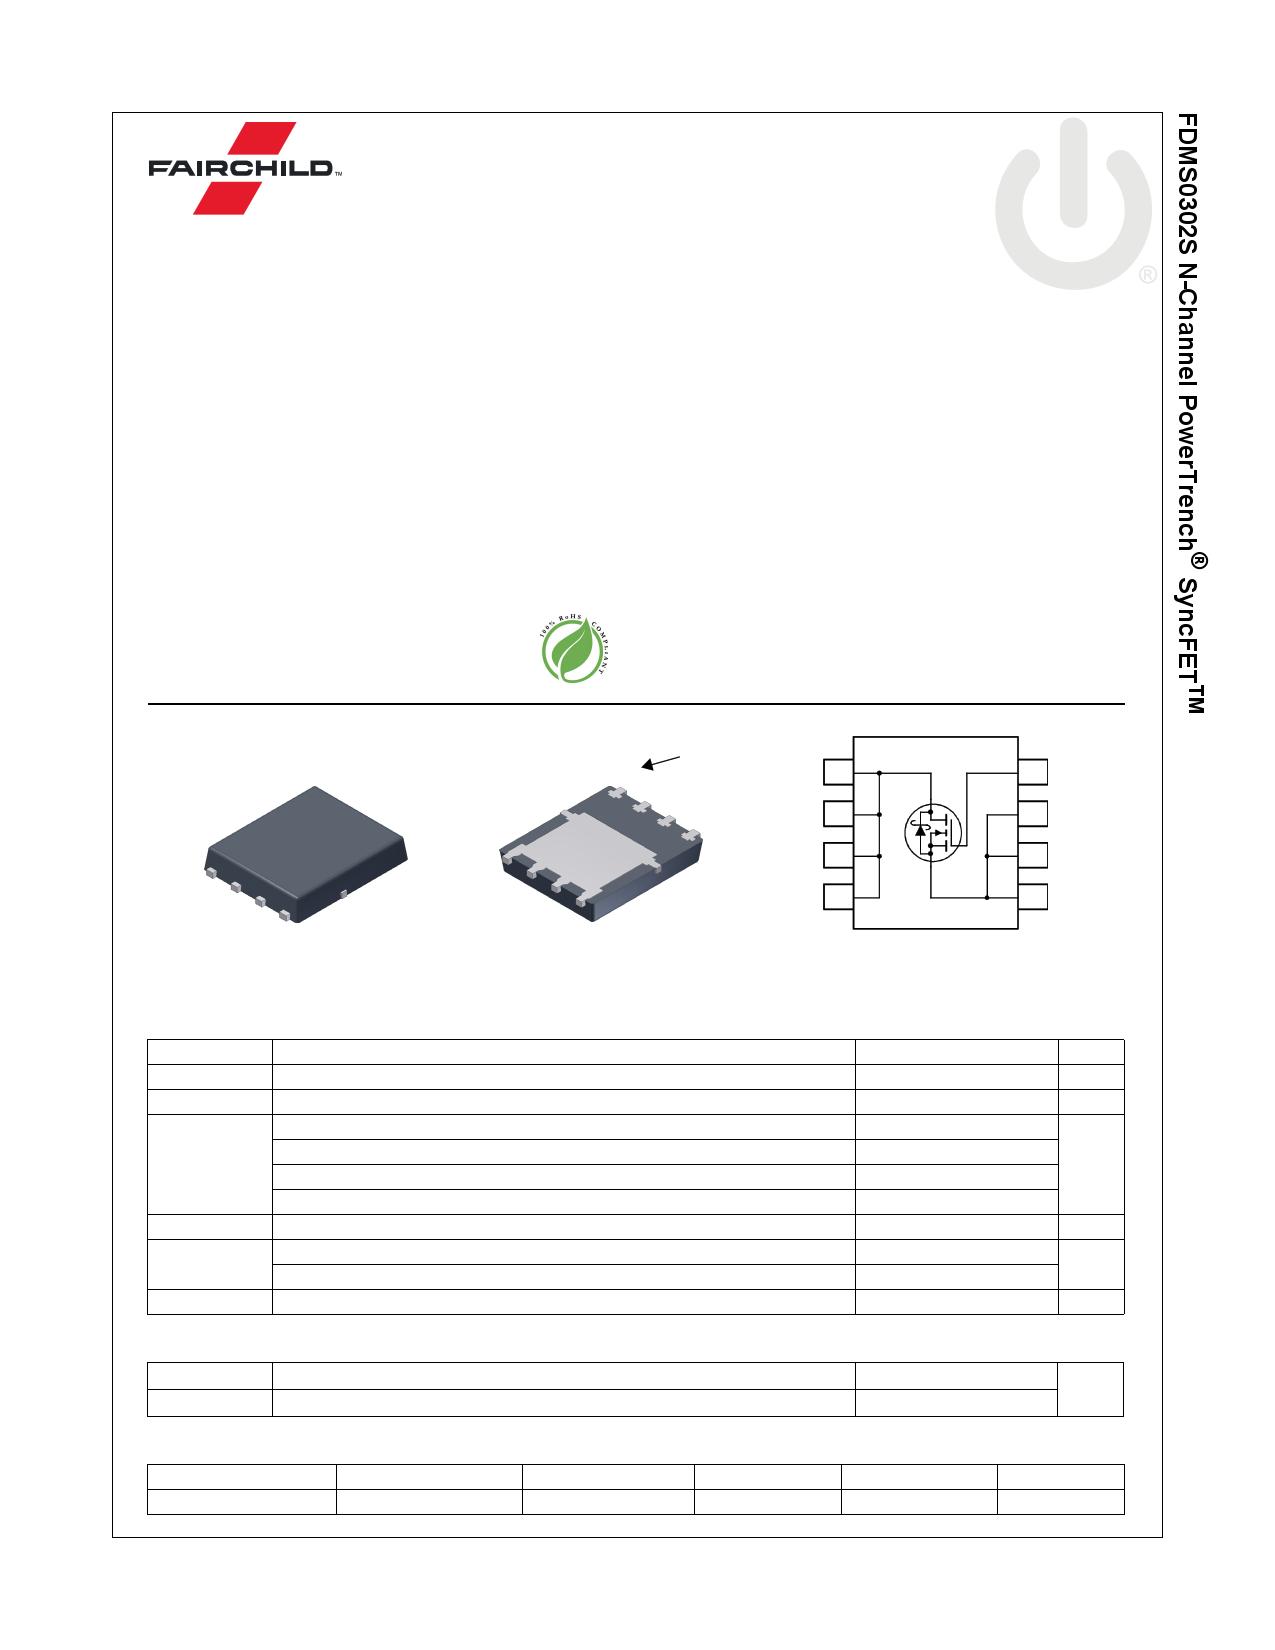 FDMS0302S 데이터시트 및 FDMS0302S PDF